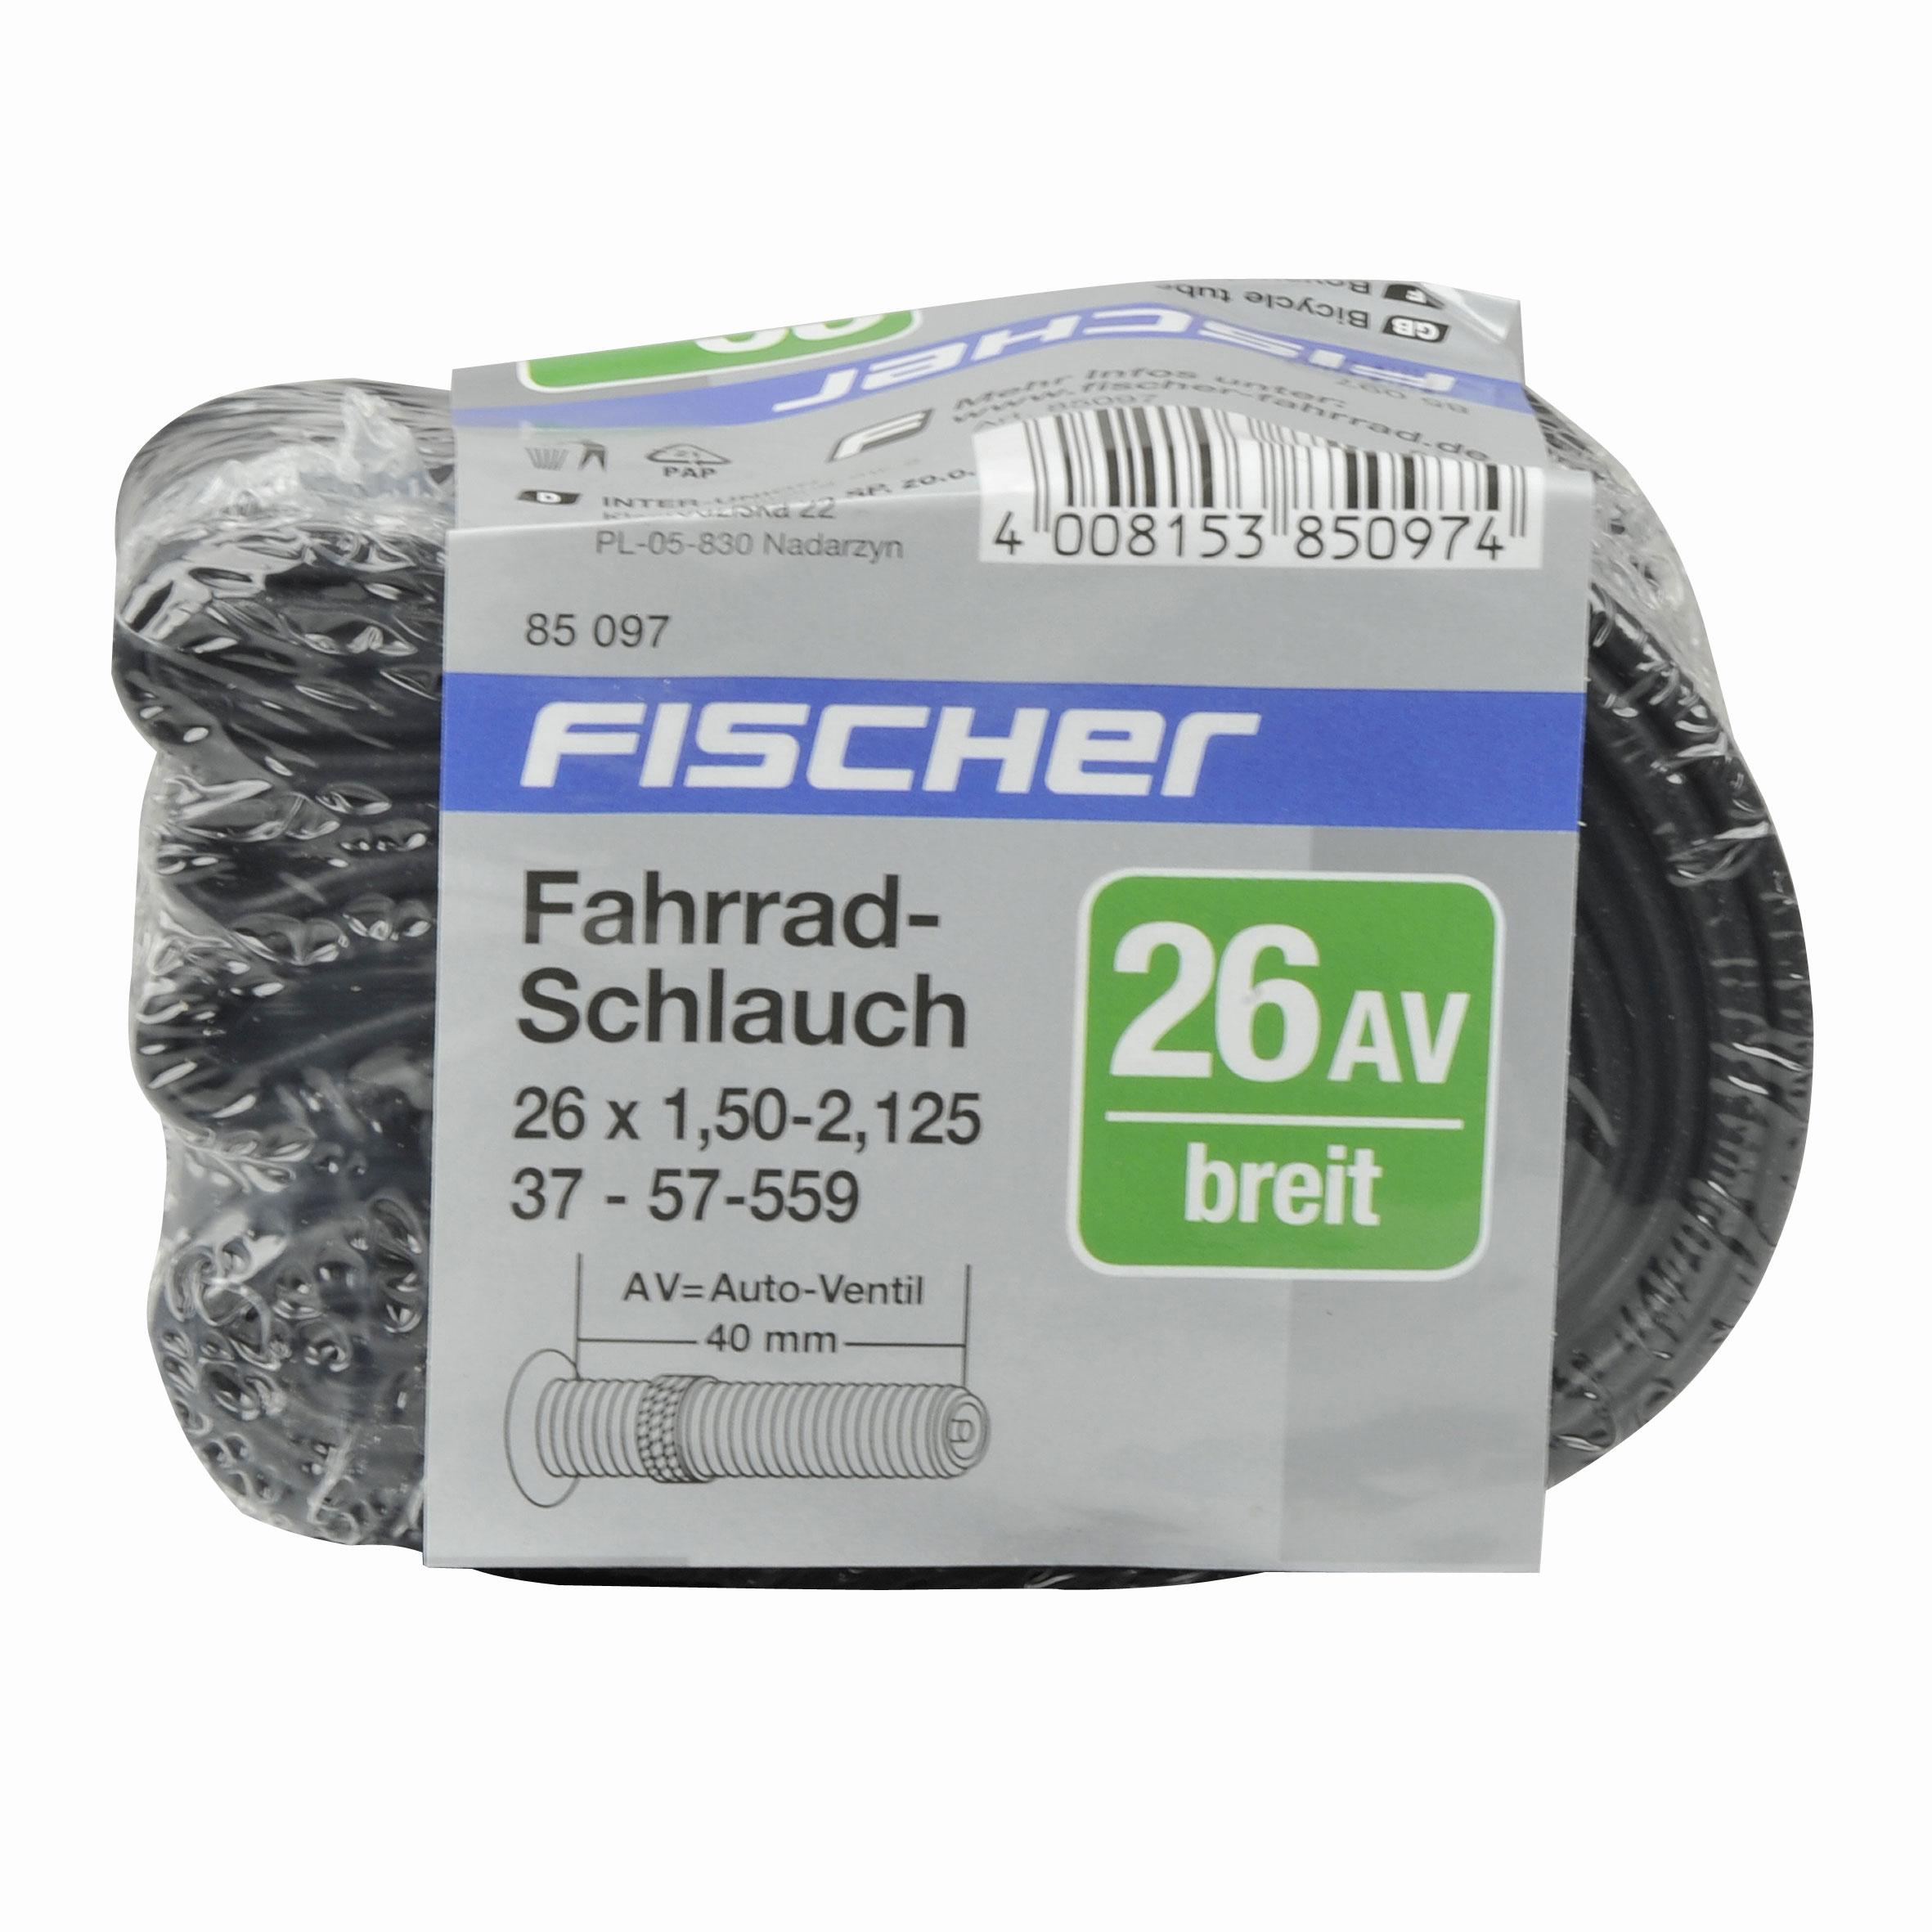 """Fischer Fahrrad Schlauch geschrumpft Auto Ventil 26x1,5-2,125"""" Bild 2"""